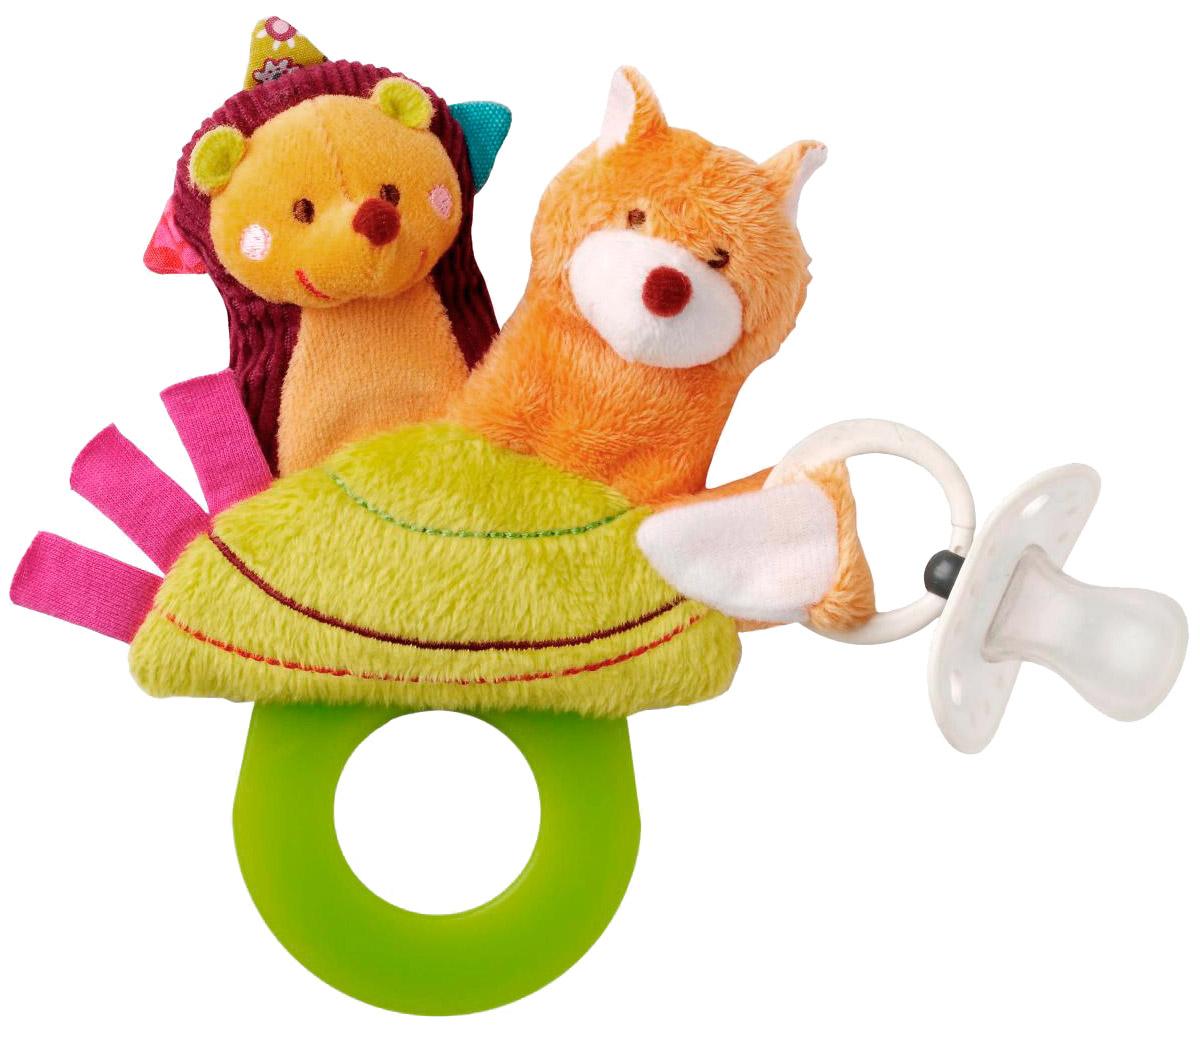 Lilliputiens Погремушка-прорезыватель Ежик Симон86248Ежик Симон и лисенок Виктор - это две милые пальчиковые игрушки. К хвосту лисенка можно легко прикрепить соску.